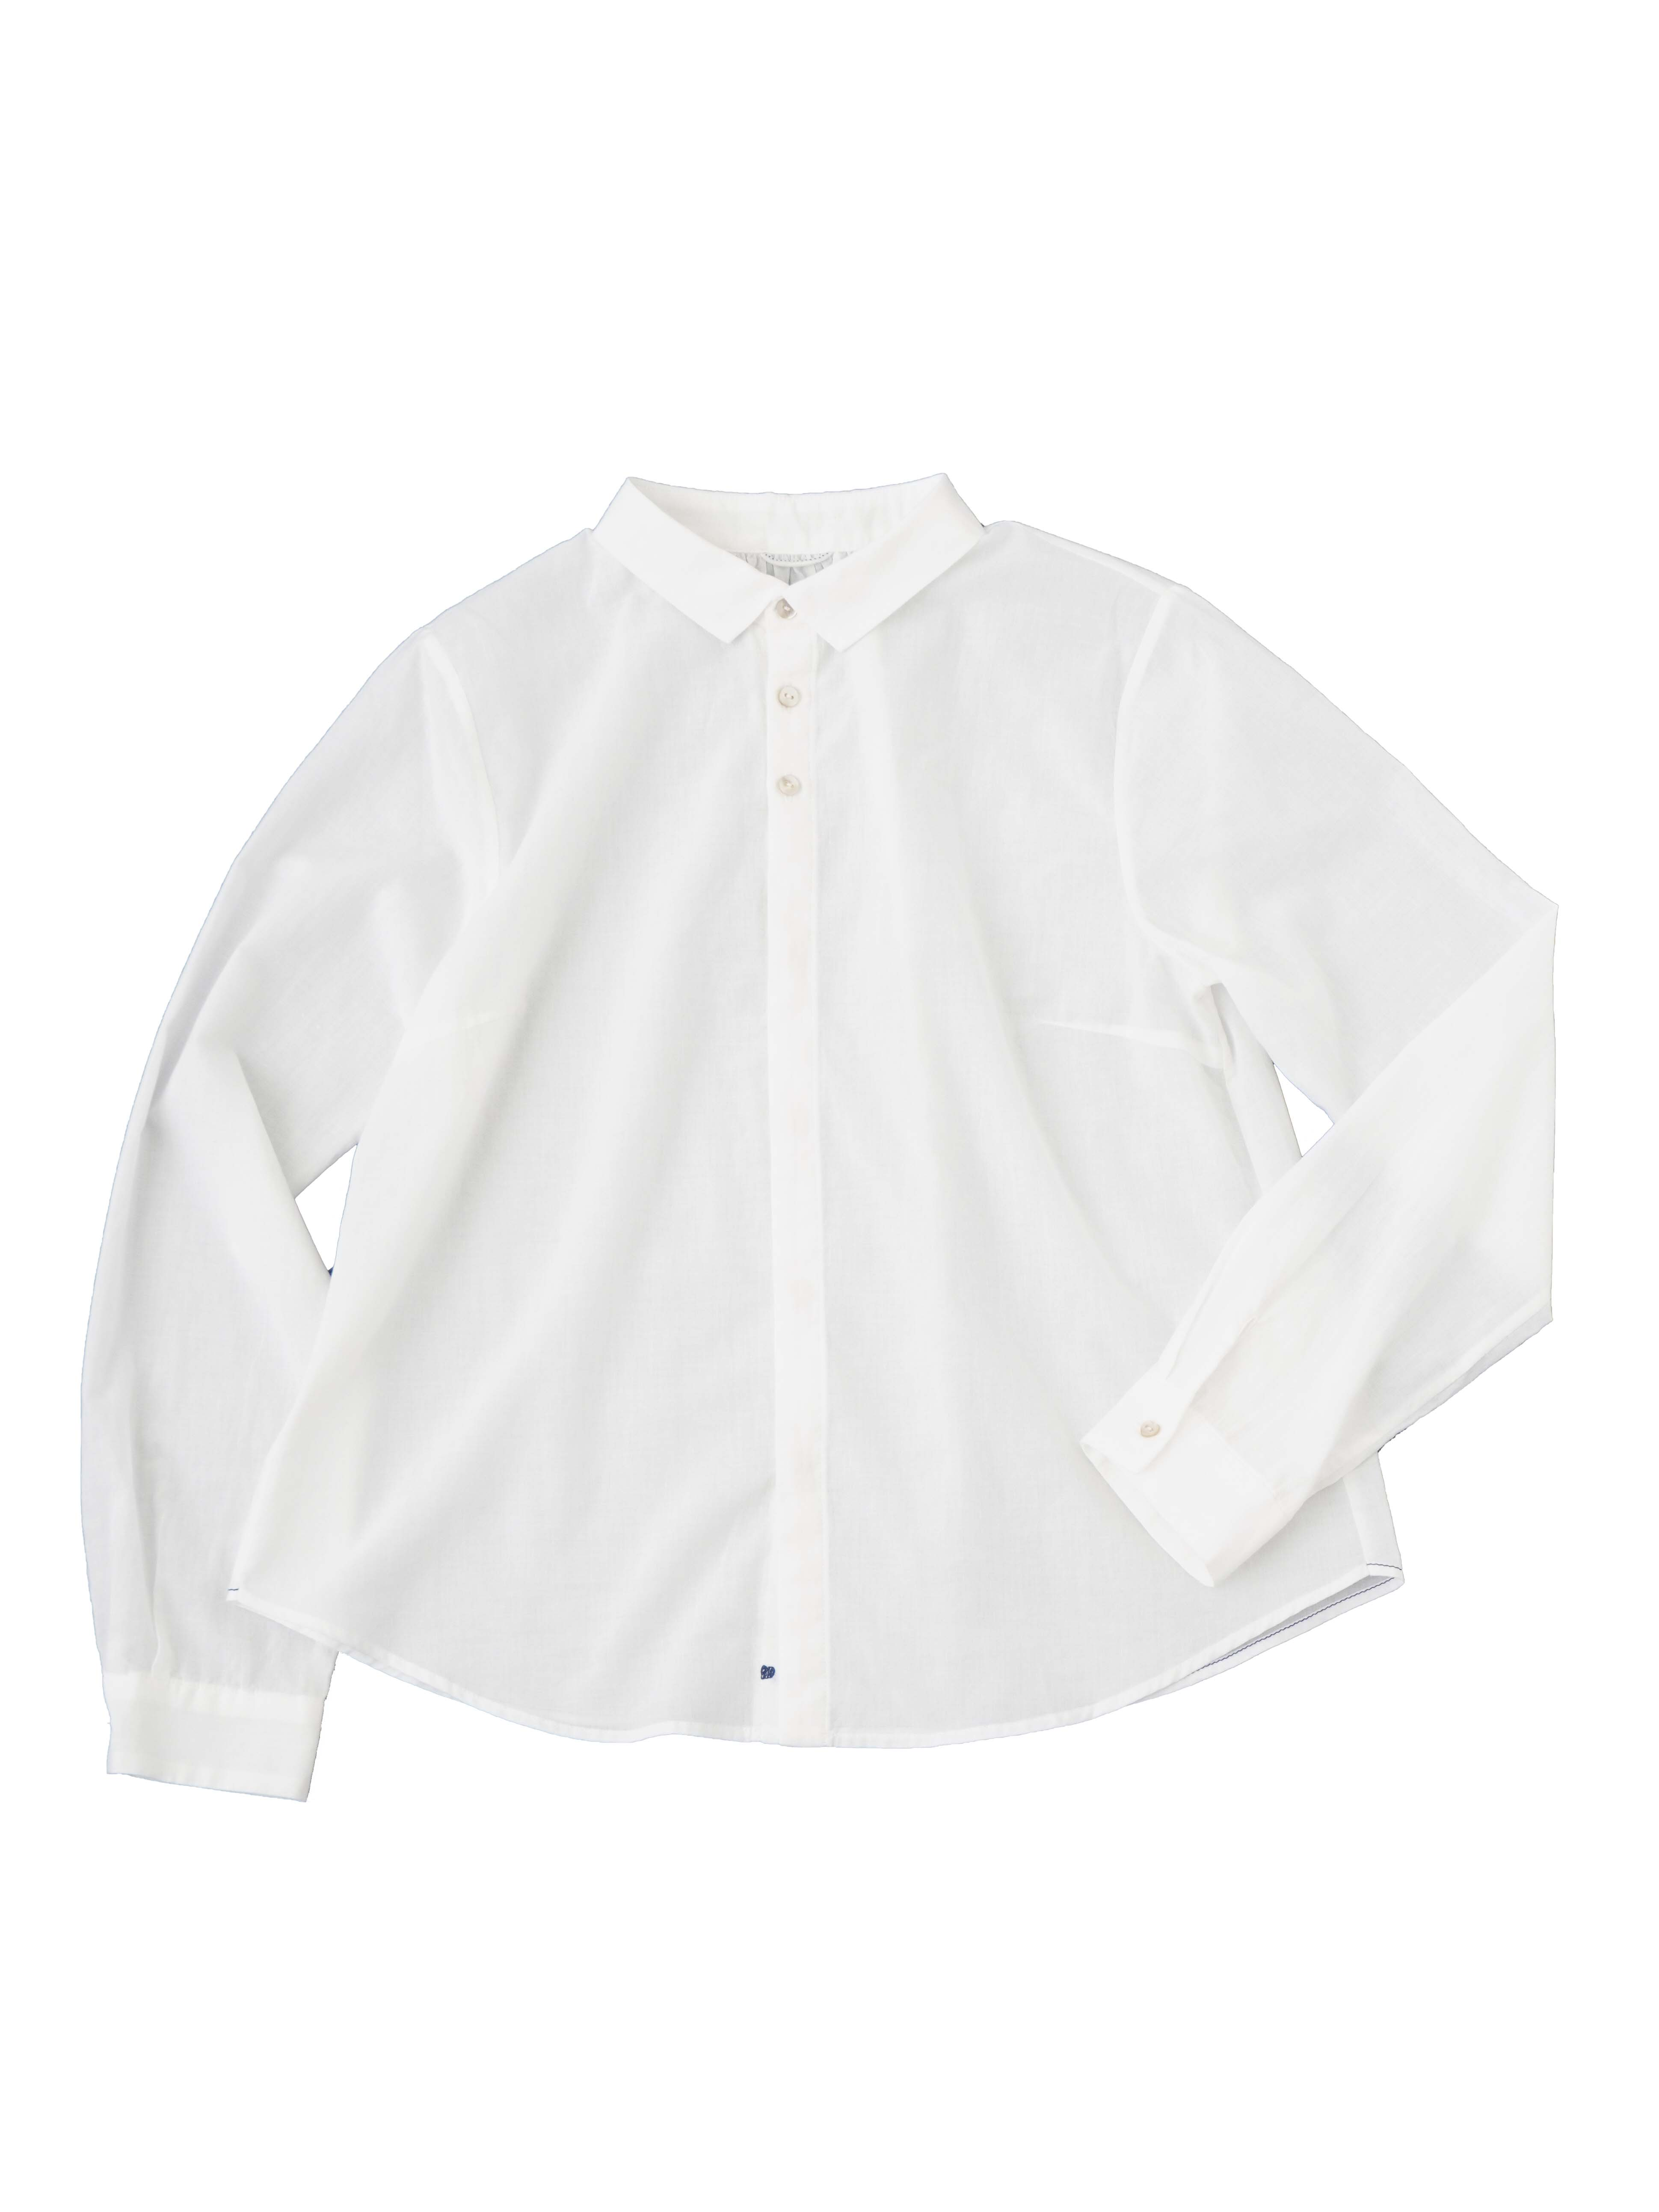 60/ローンパフィーウォッシュハート刺繍シャツ